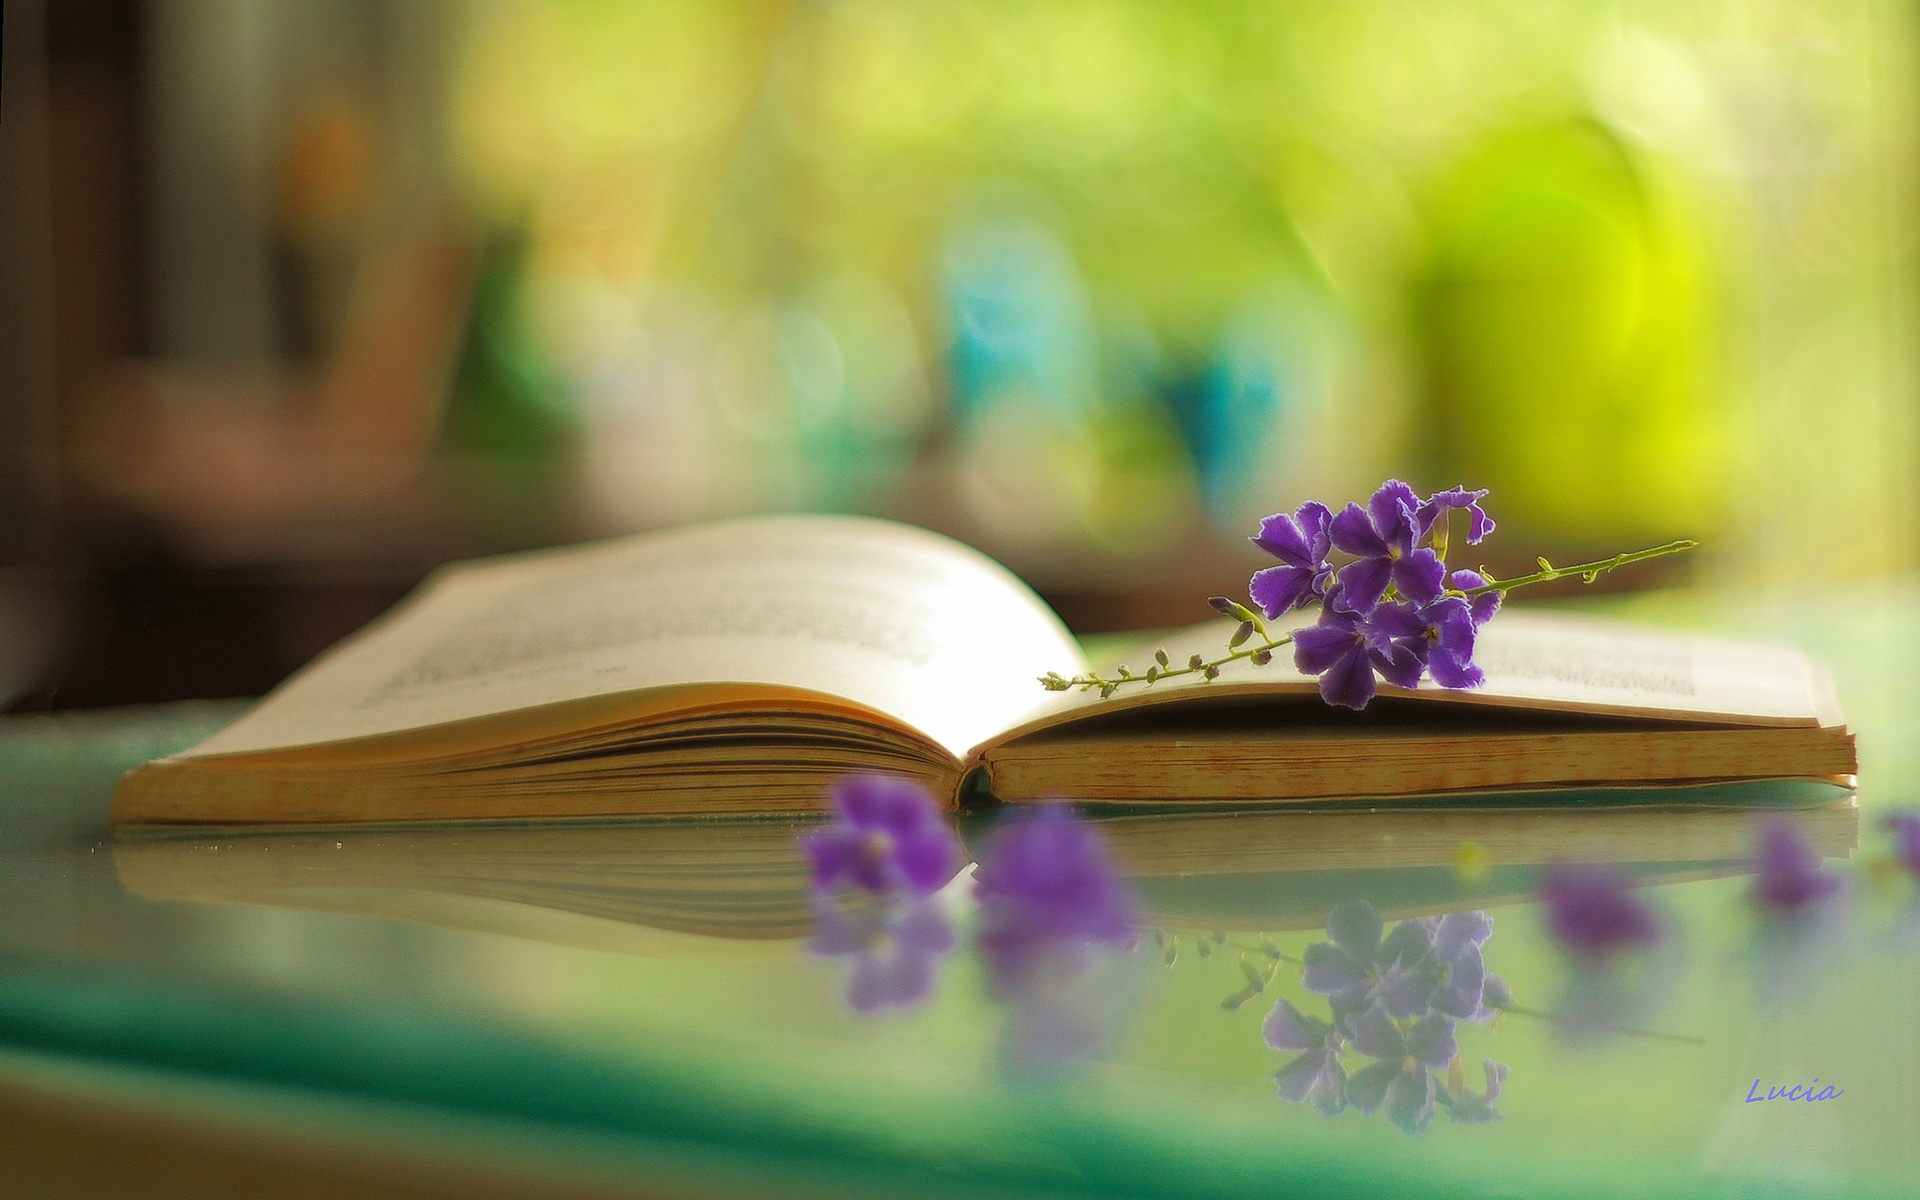 Цветок в книге  № 1489017 загрузить